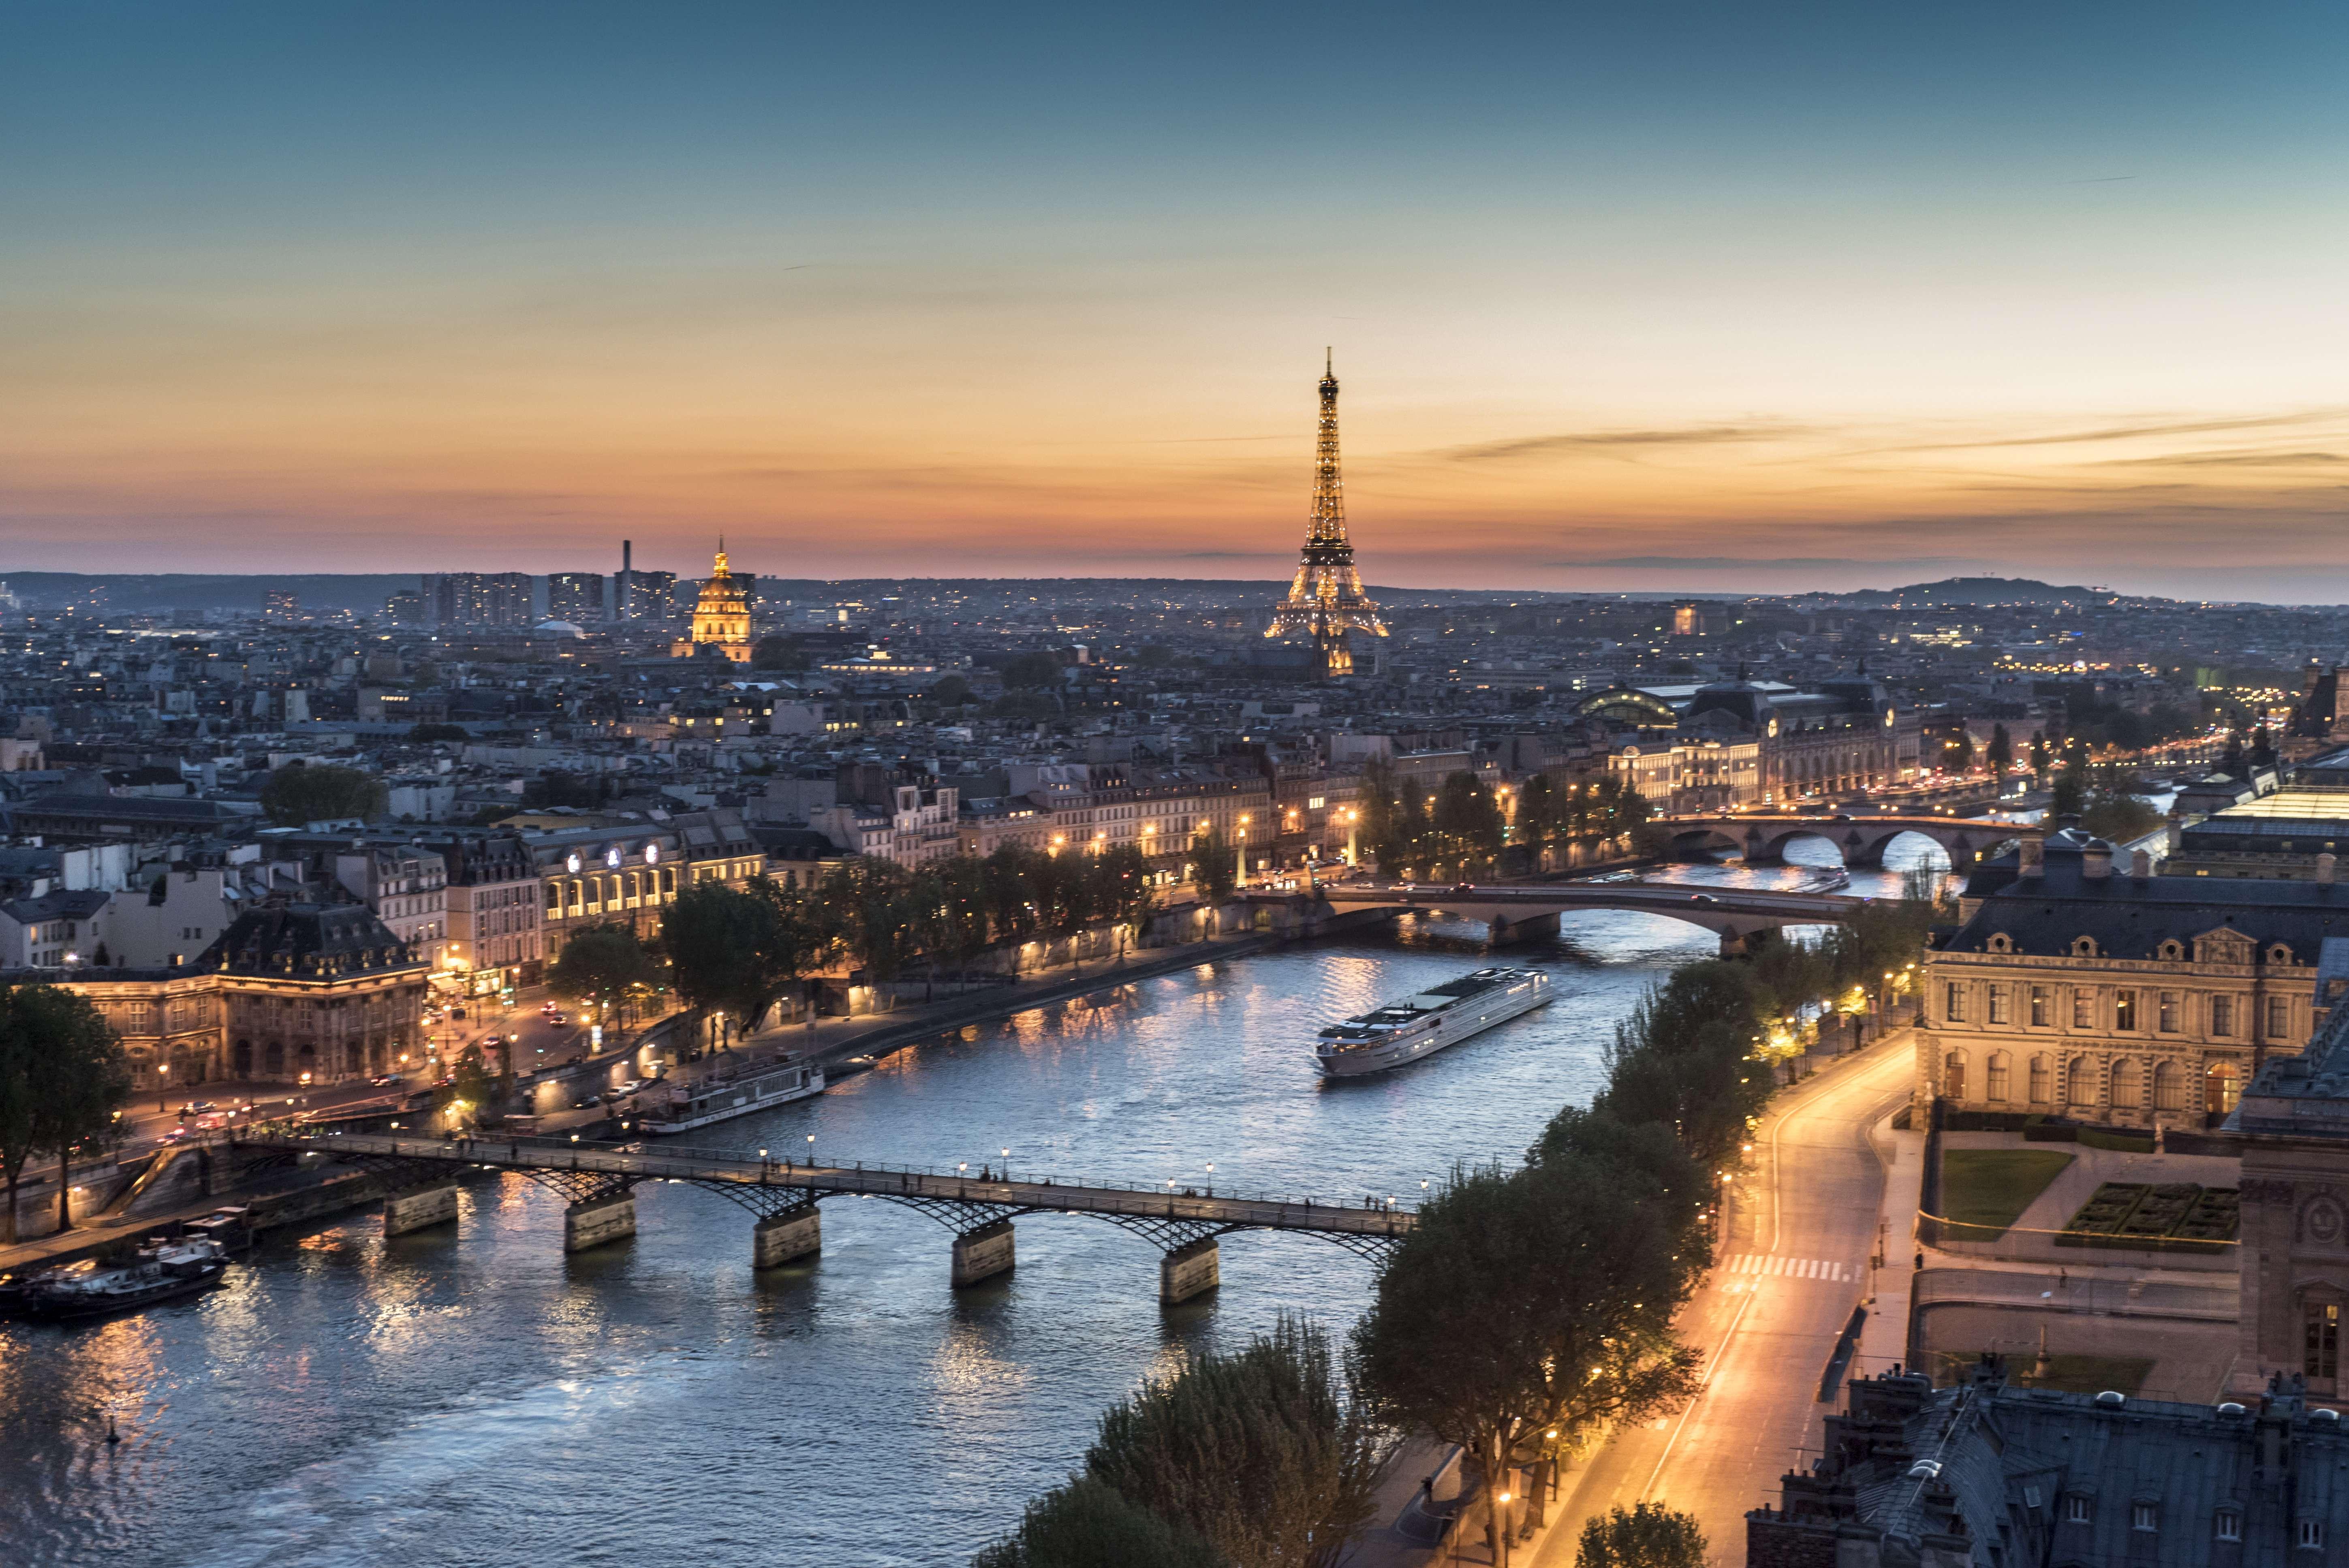 foto de Pourquoi surnomme t on Paris la Ville lumière ?cnews fr